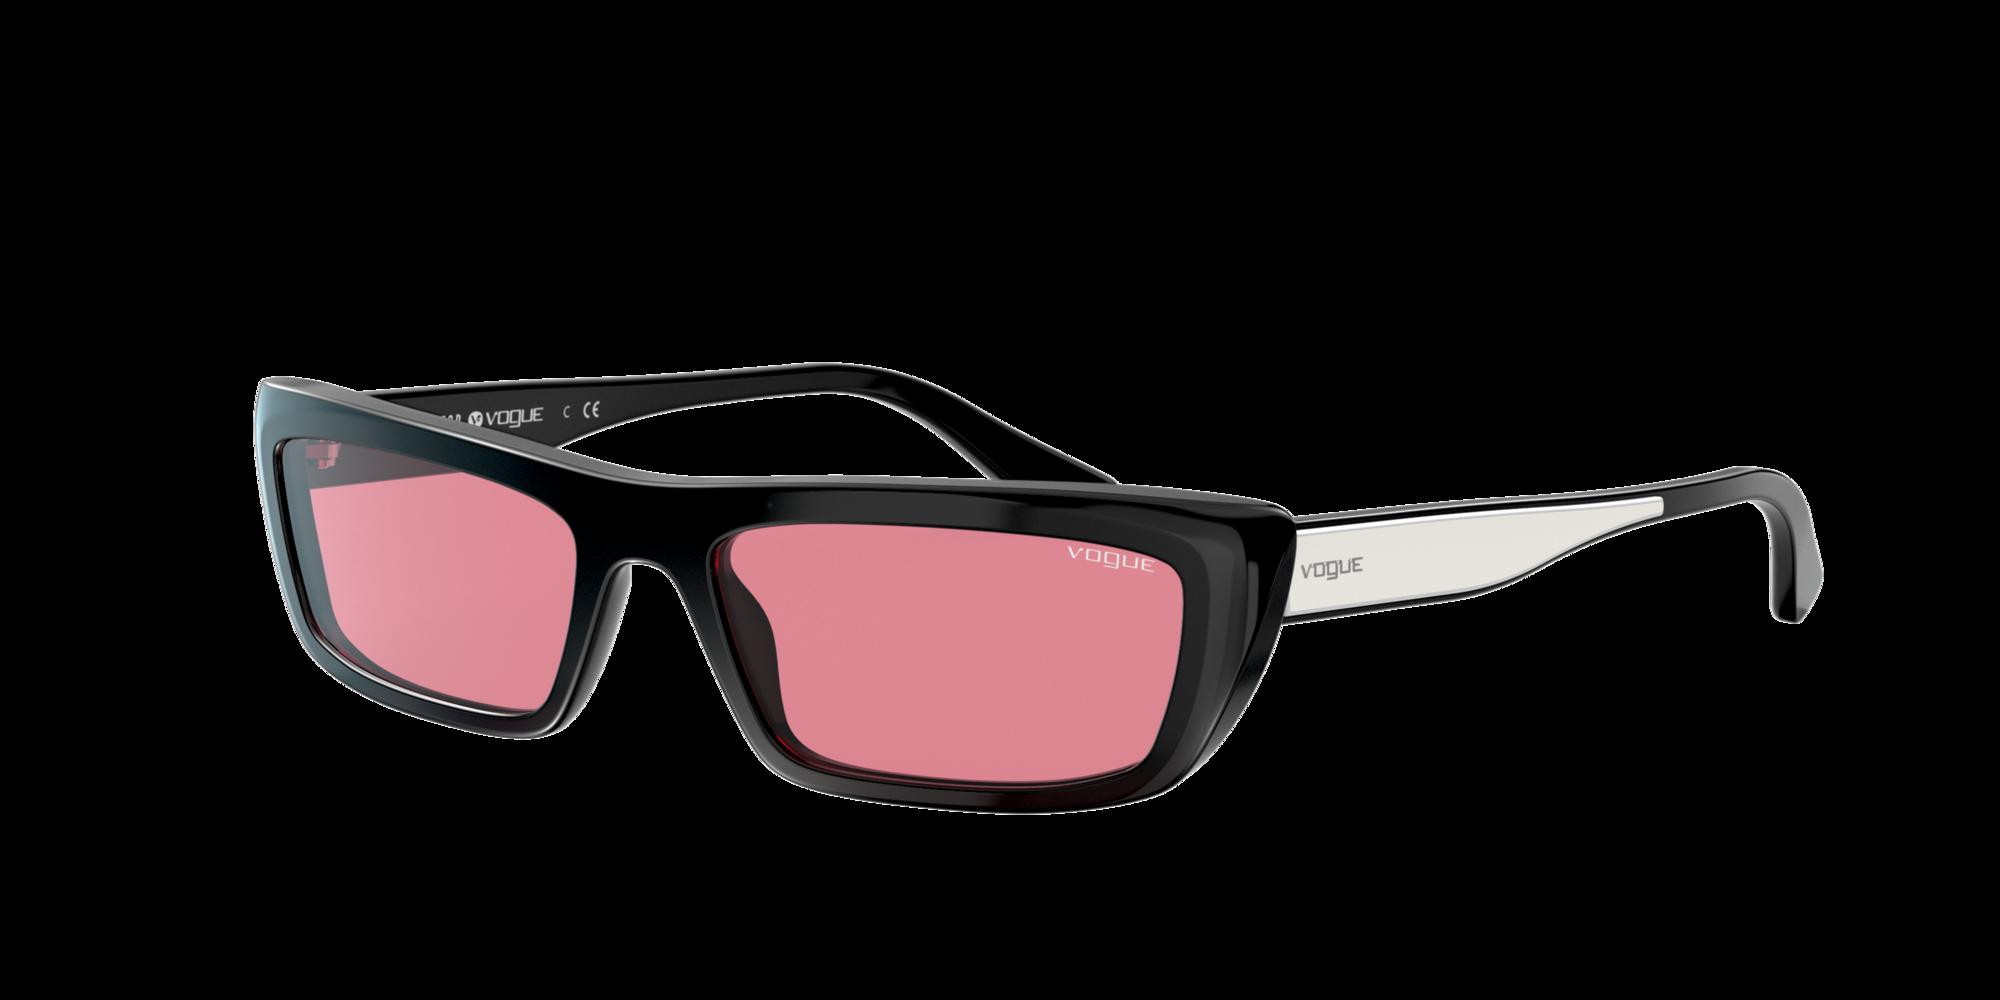 Vogue Eyewear Unisex  VO5283S Gigi Hadid x Vogue Eyewear -  Frame color: Negro, Lens color: Rosa, Size 54-17/140